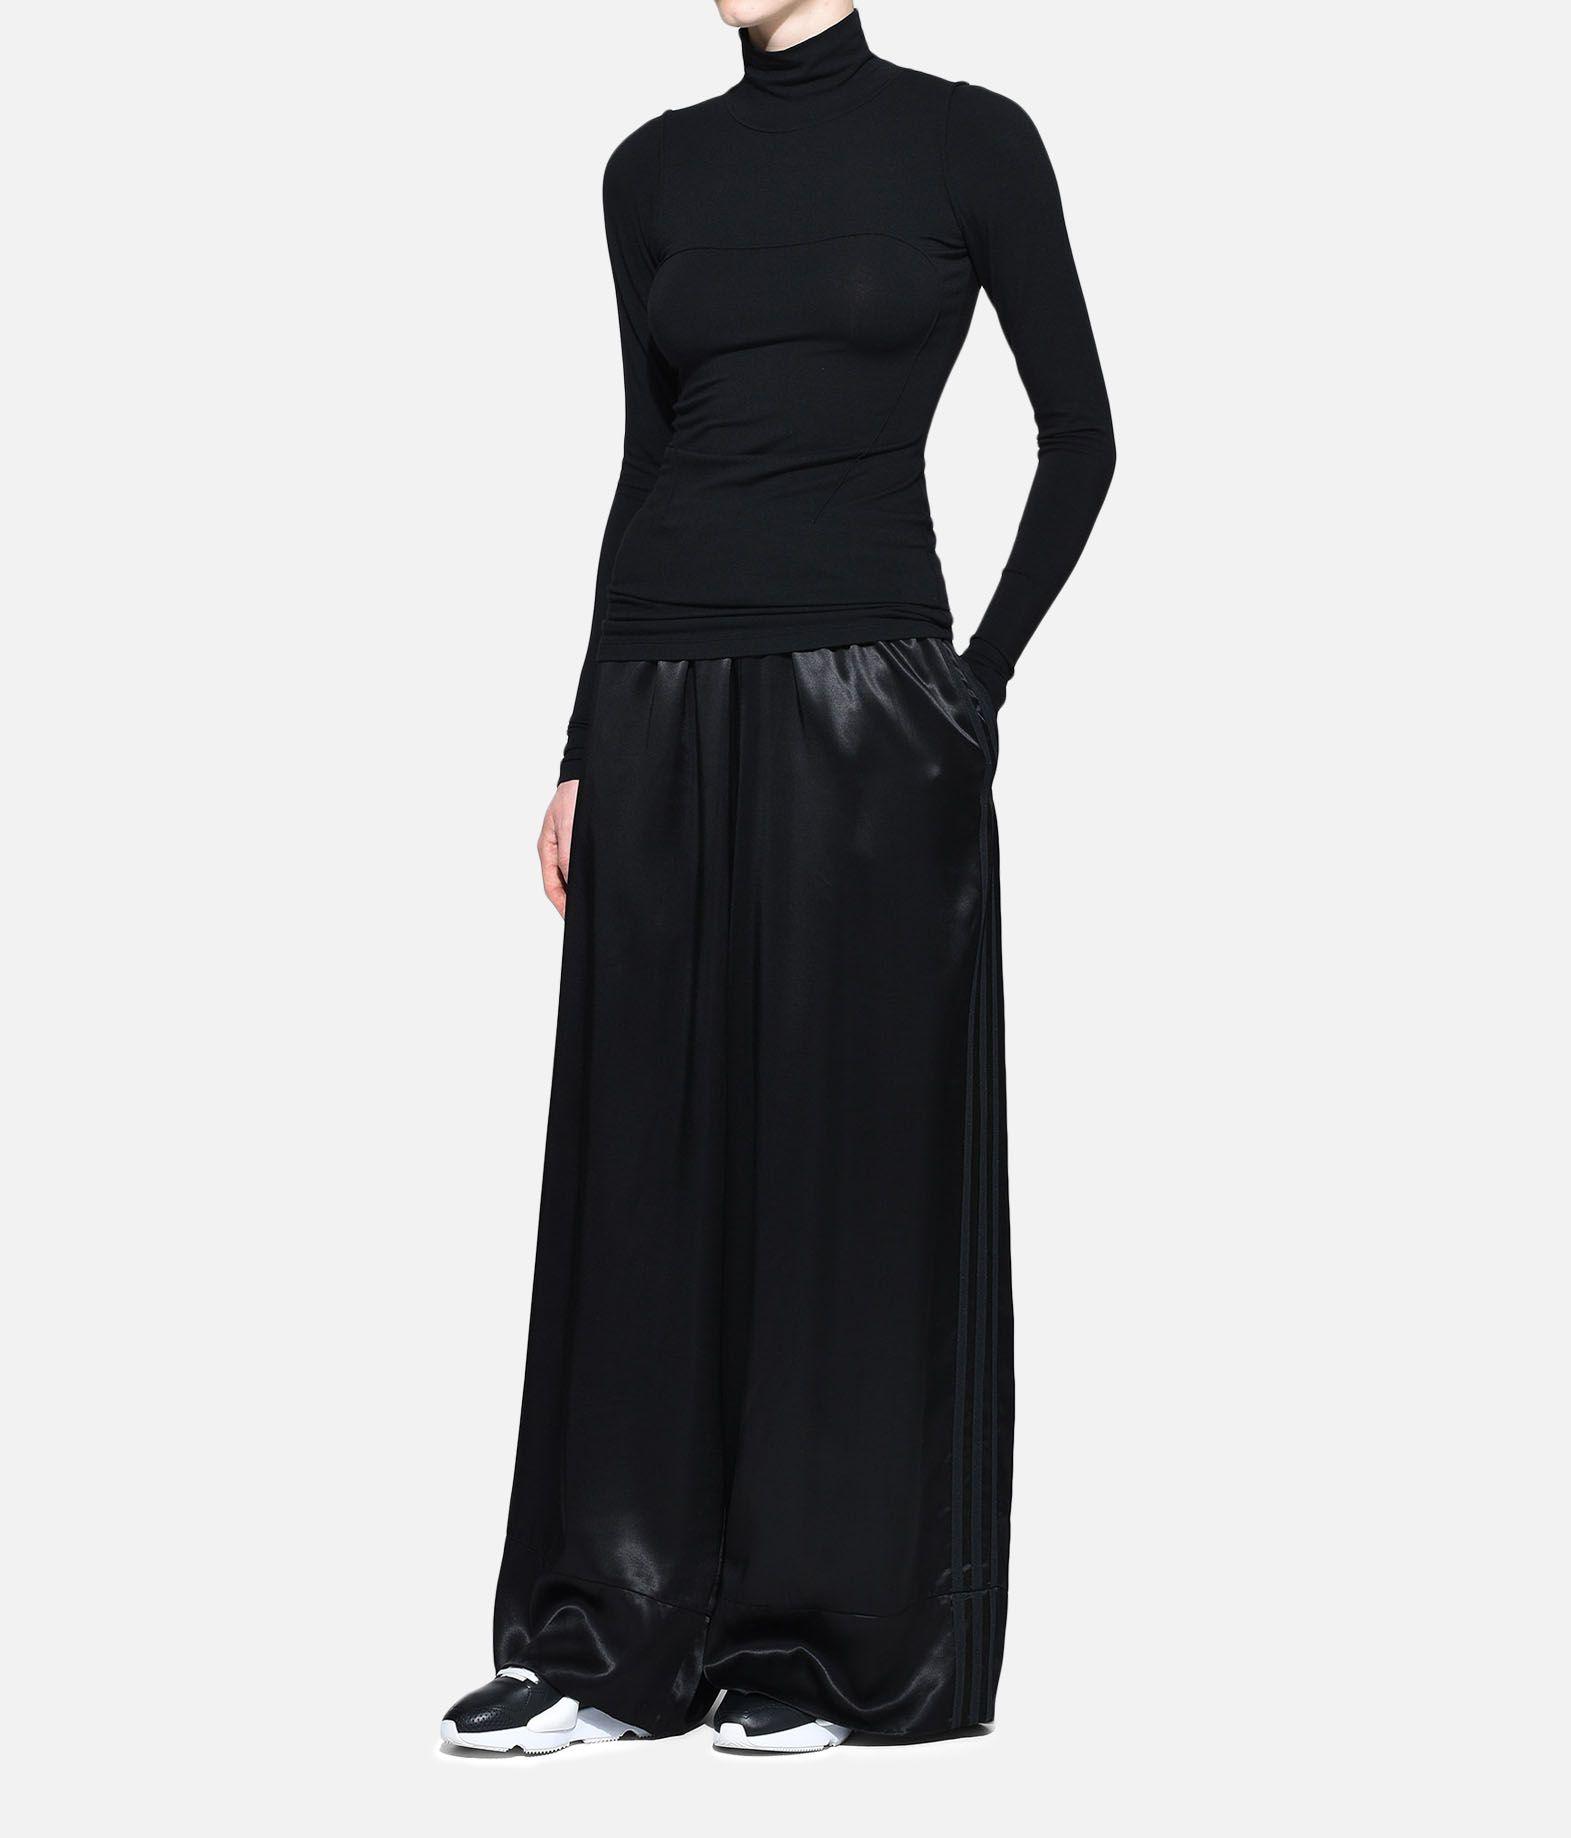 Y-3 Y-3 Prime Wool Tee Long sleeve t-shirt Woman a